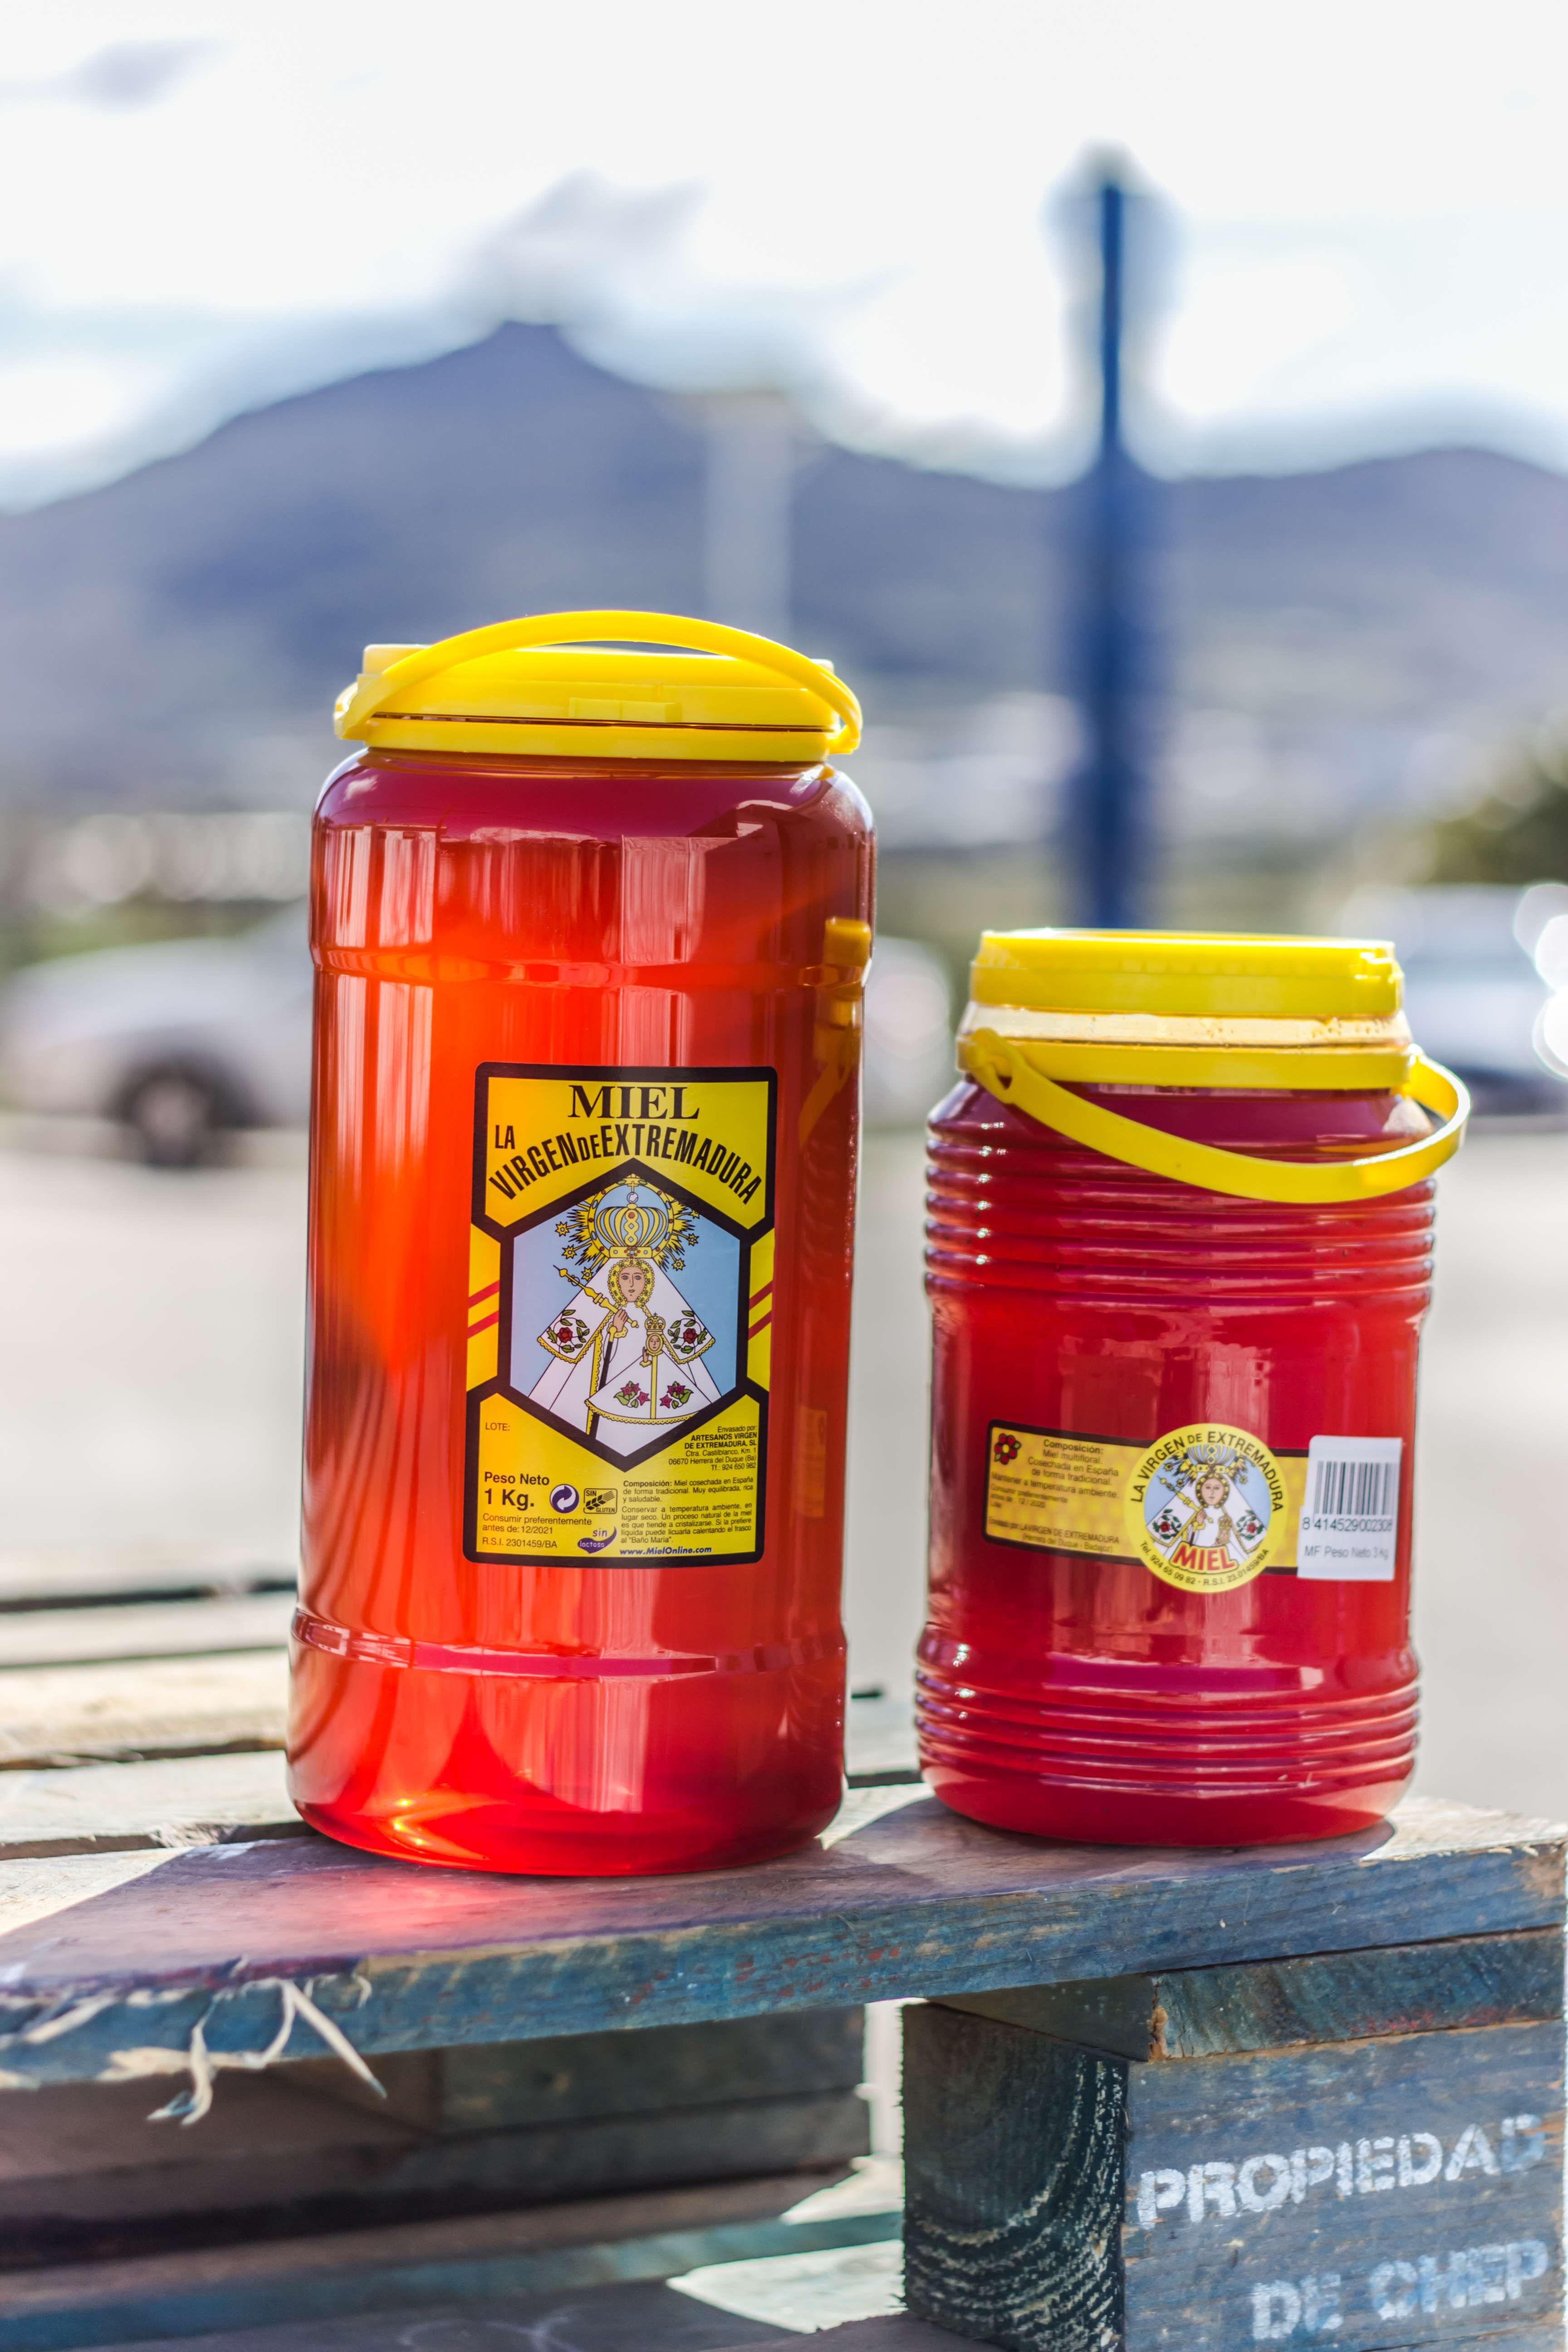 Foto 38 de Venta de miel, productos dietéticos y cosmética natural en Herrera del Duque | Miel Virgen de Extremadura